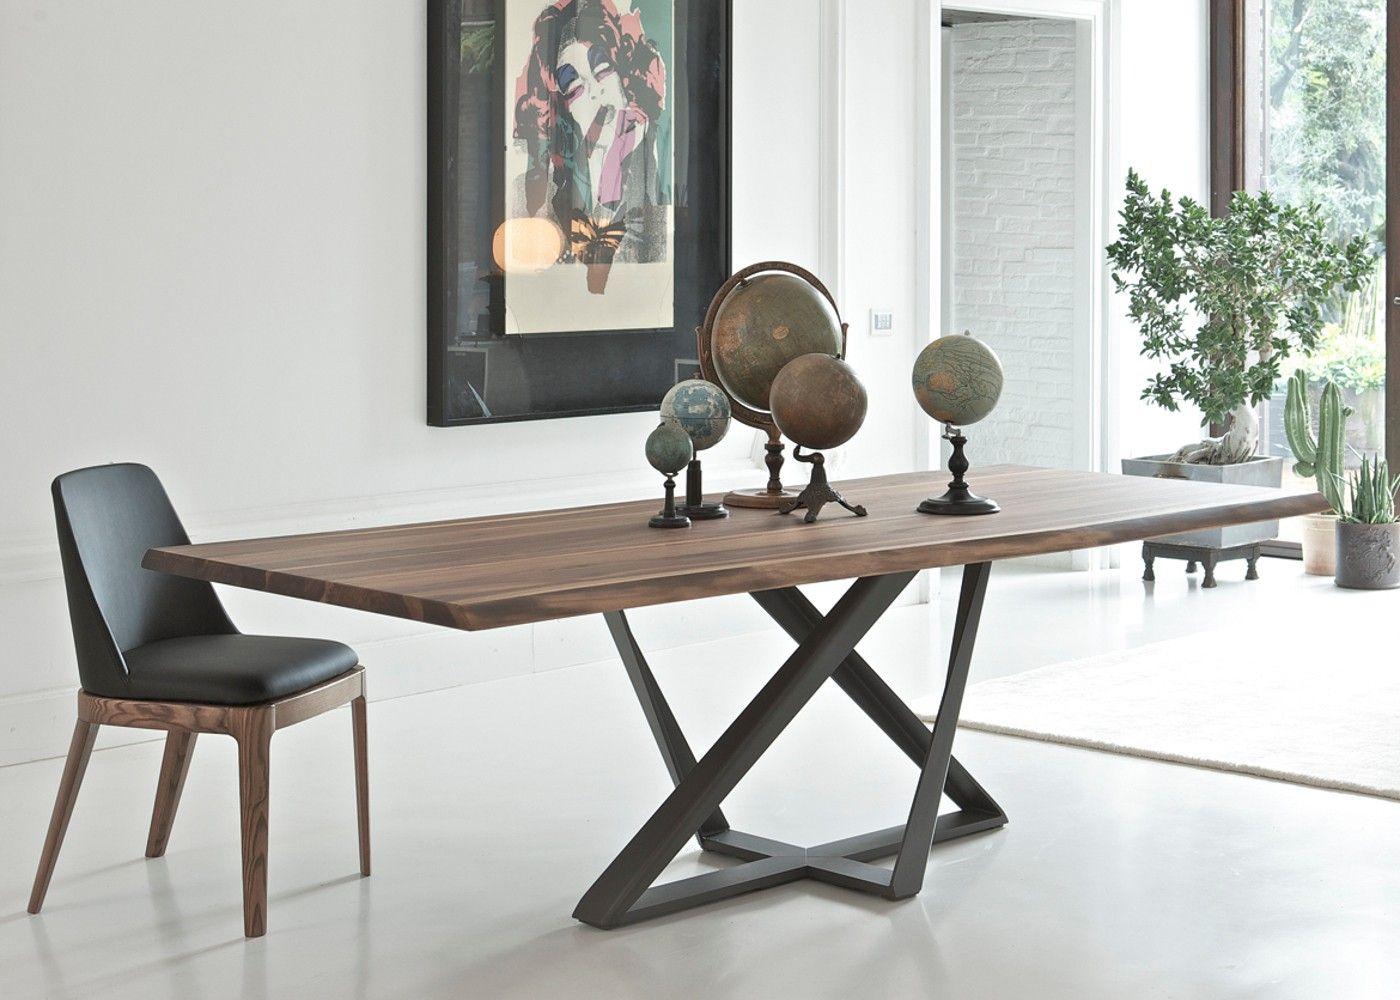 Offrez Vous Le Charme Et L Elegance De La Table Millenium 250x106cm En Noyer Massif Pieds Metalliques Table Salle A Manger Table A Manger Contemporaine Meuble